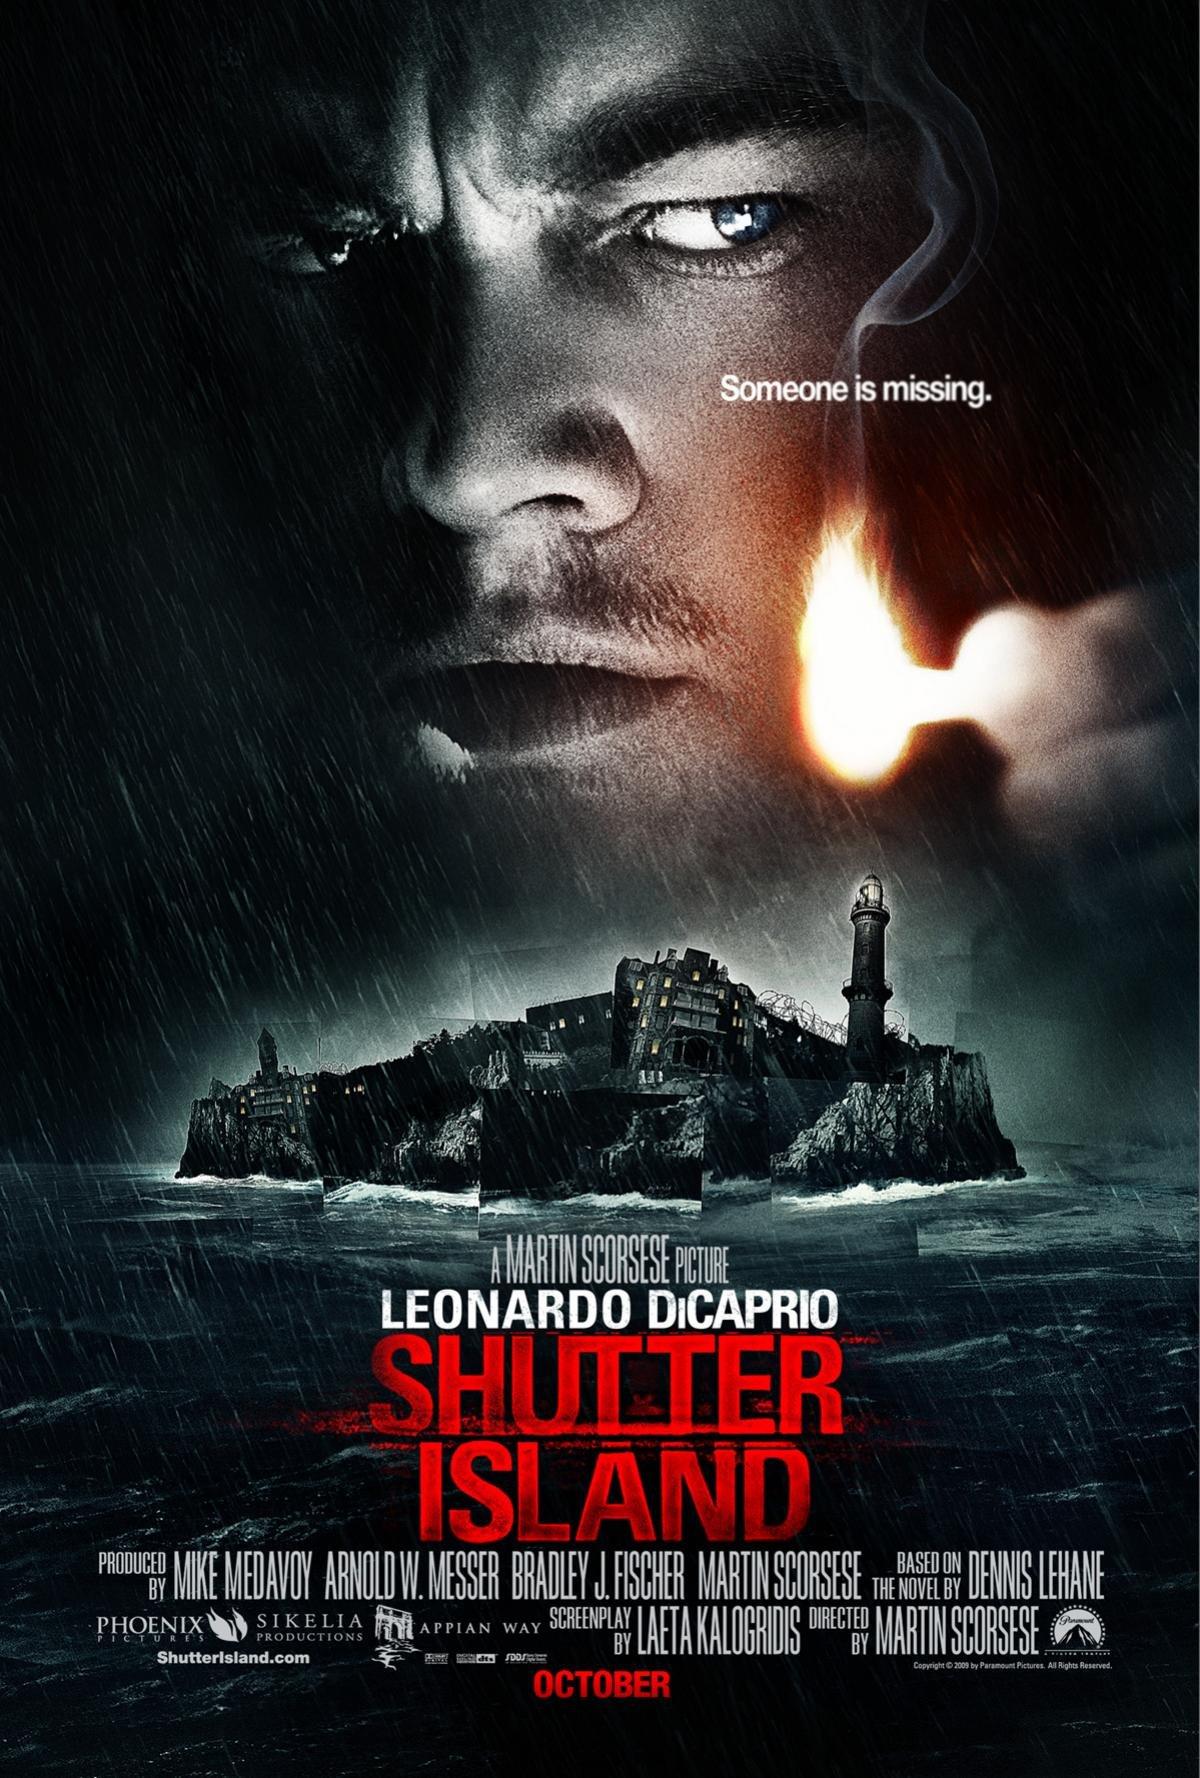 https://i2.wp.com/www.freemovieposters.net/posters/shutter_island_2010_3225_poster.jpg